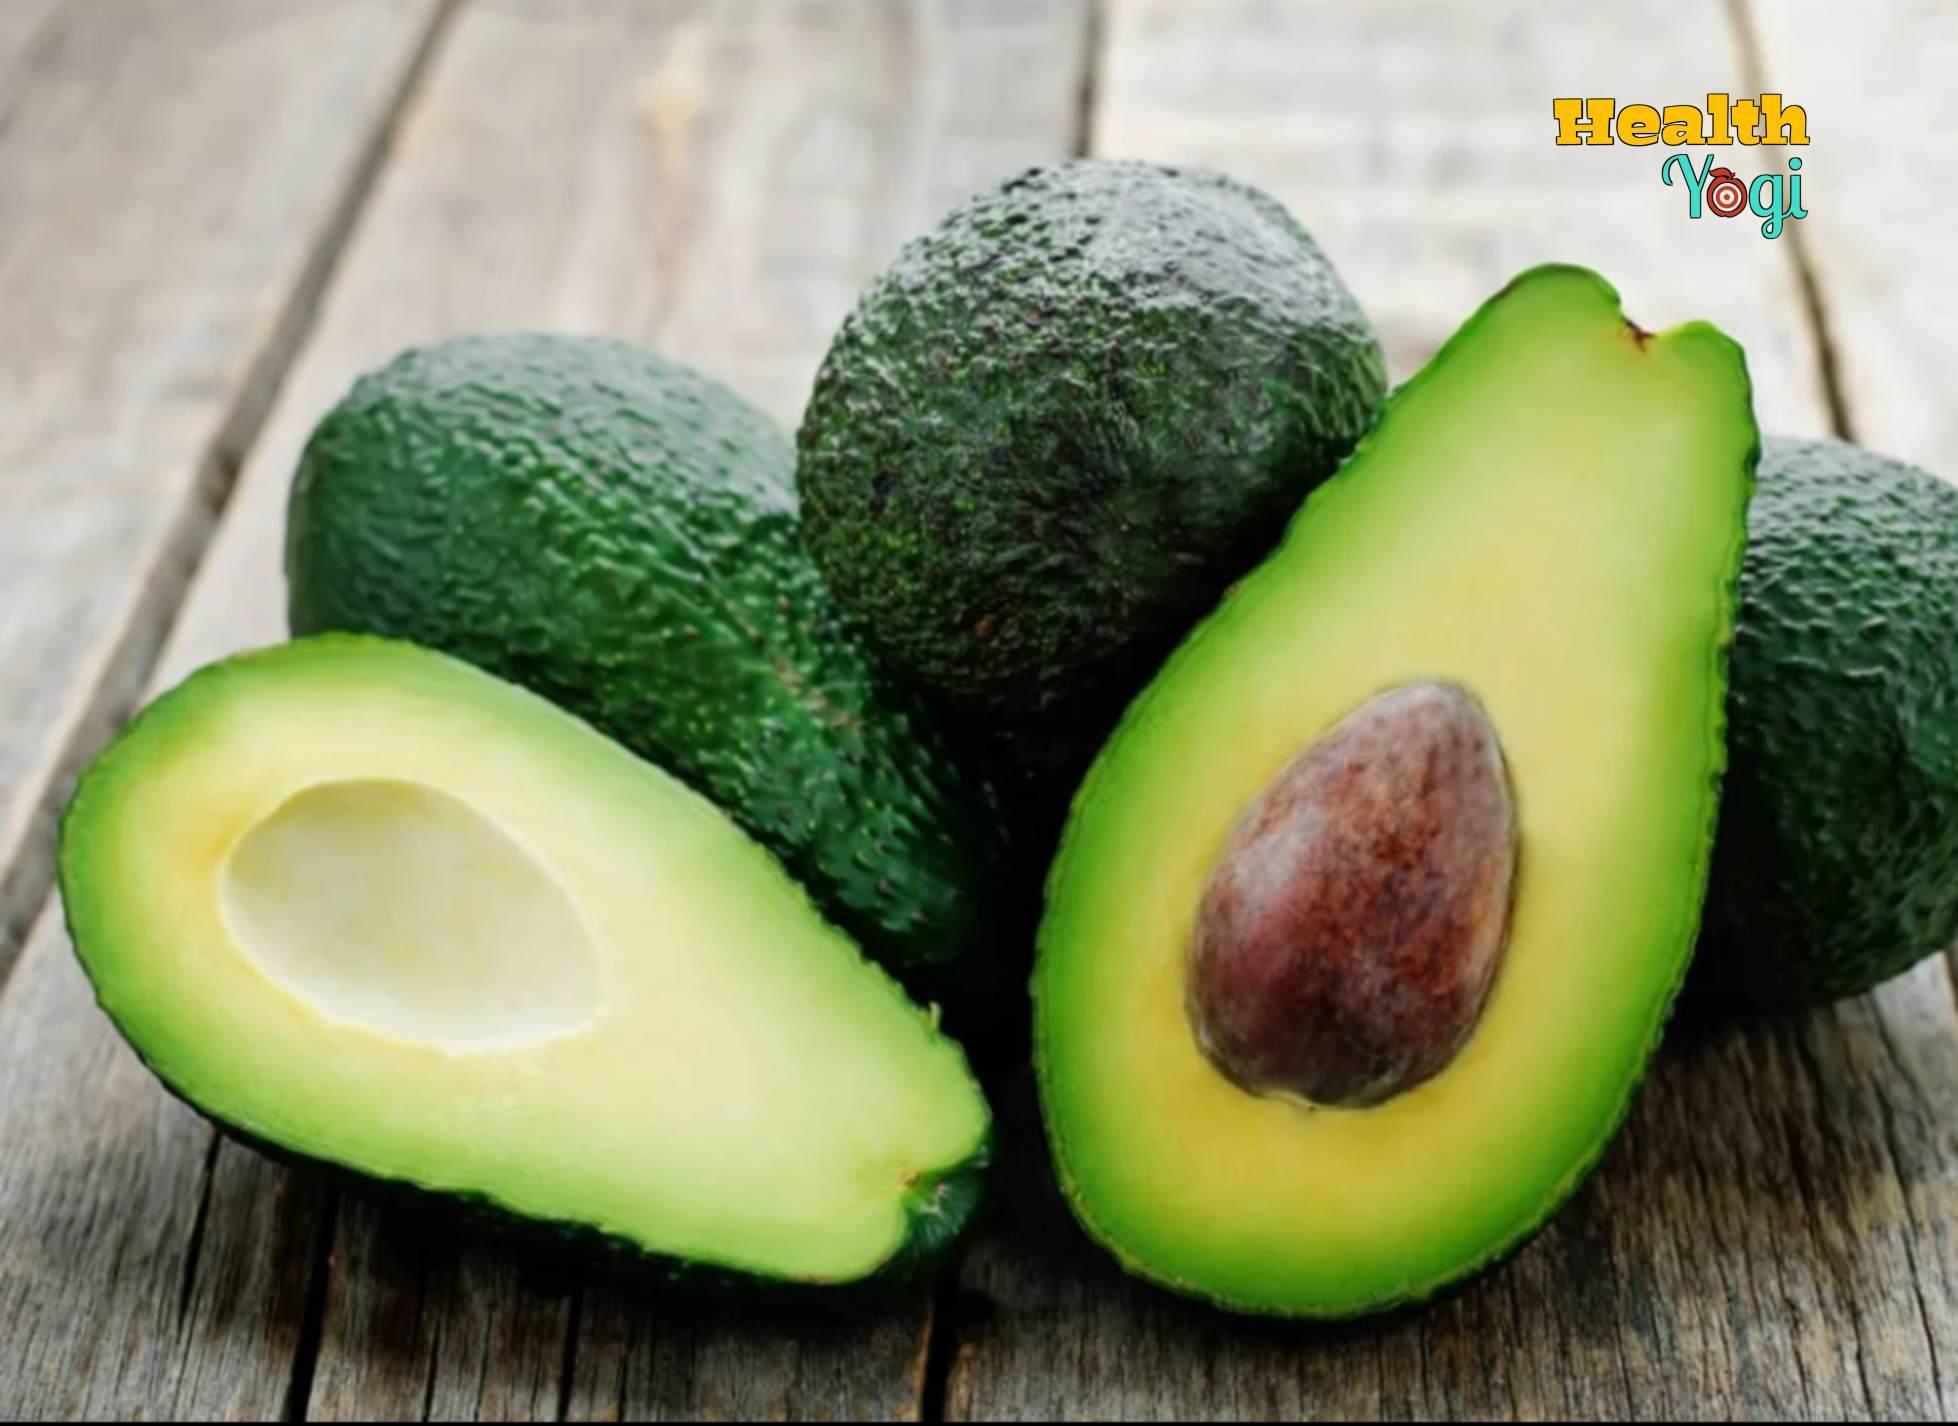 Avocado Benefits For Skin   Is Avocado Good For Acne?